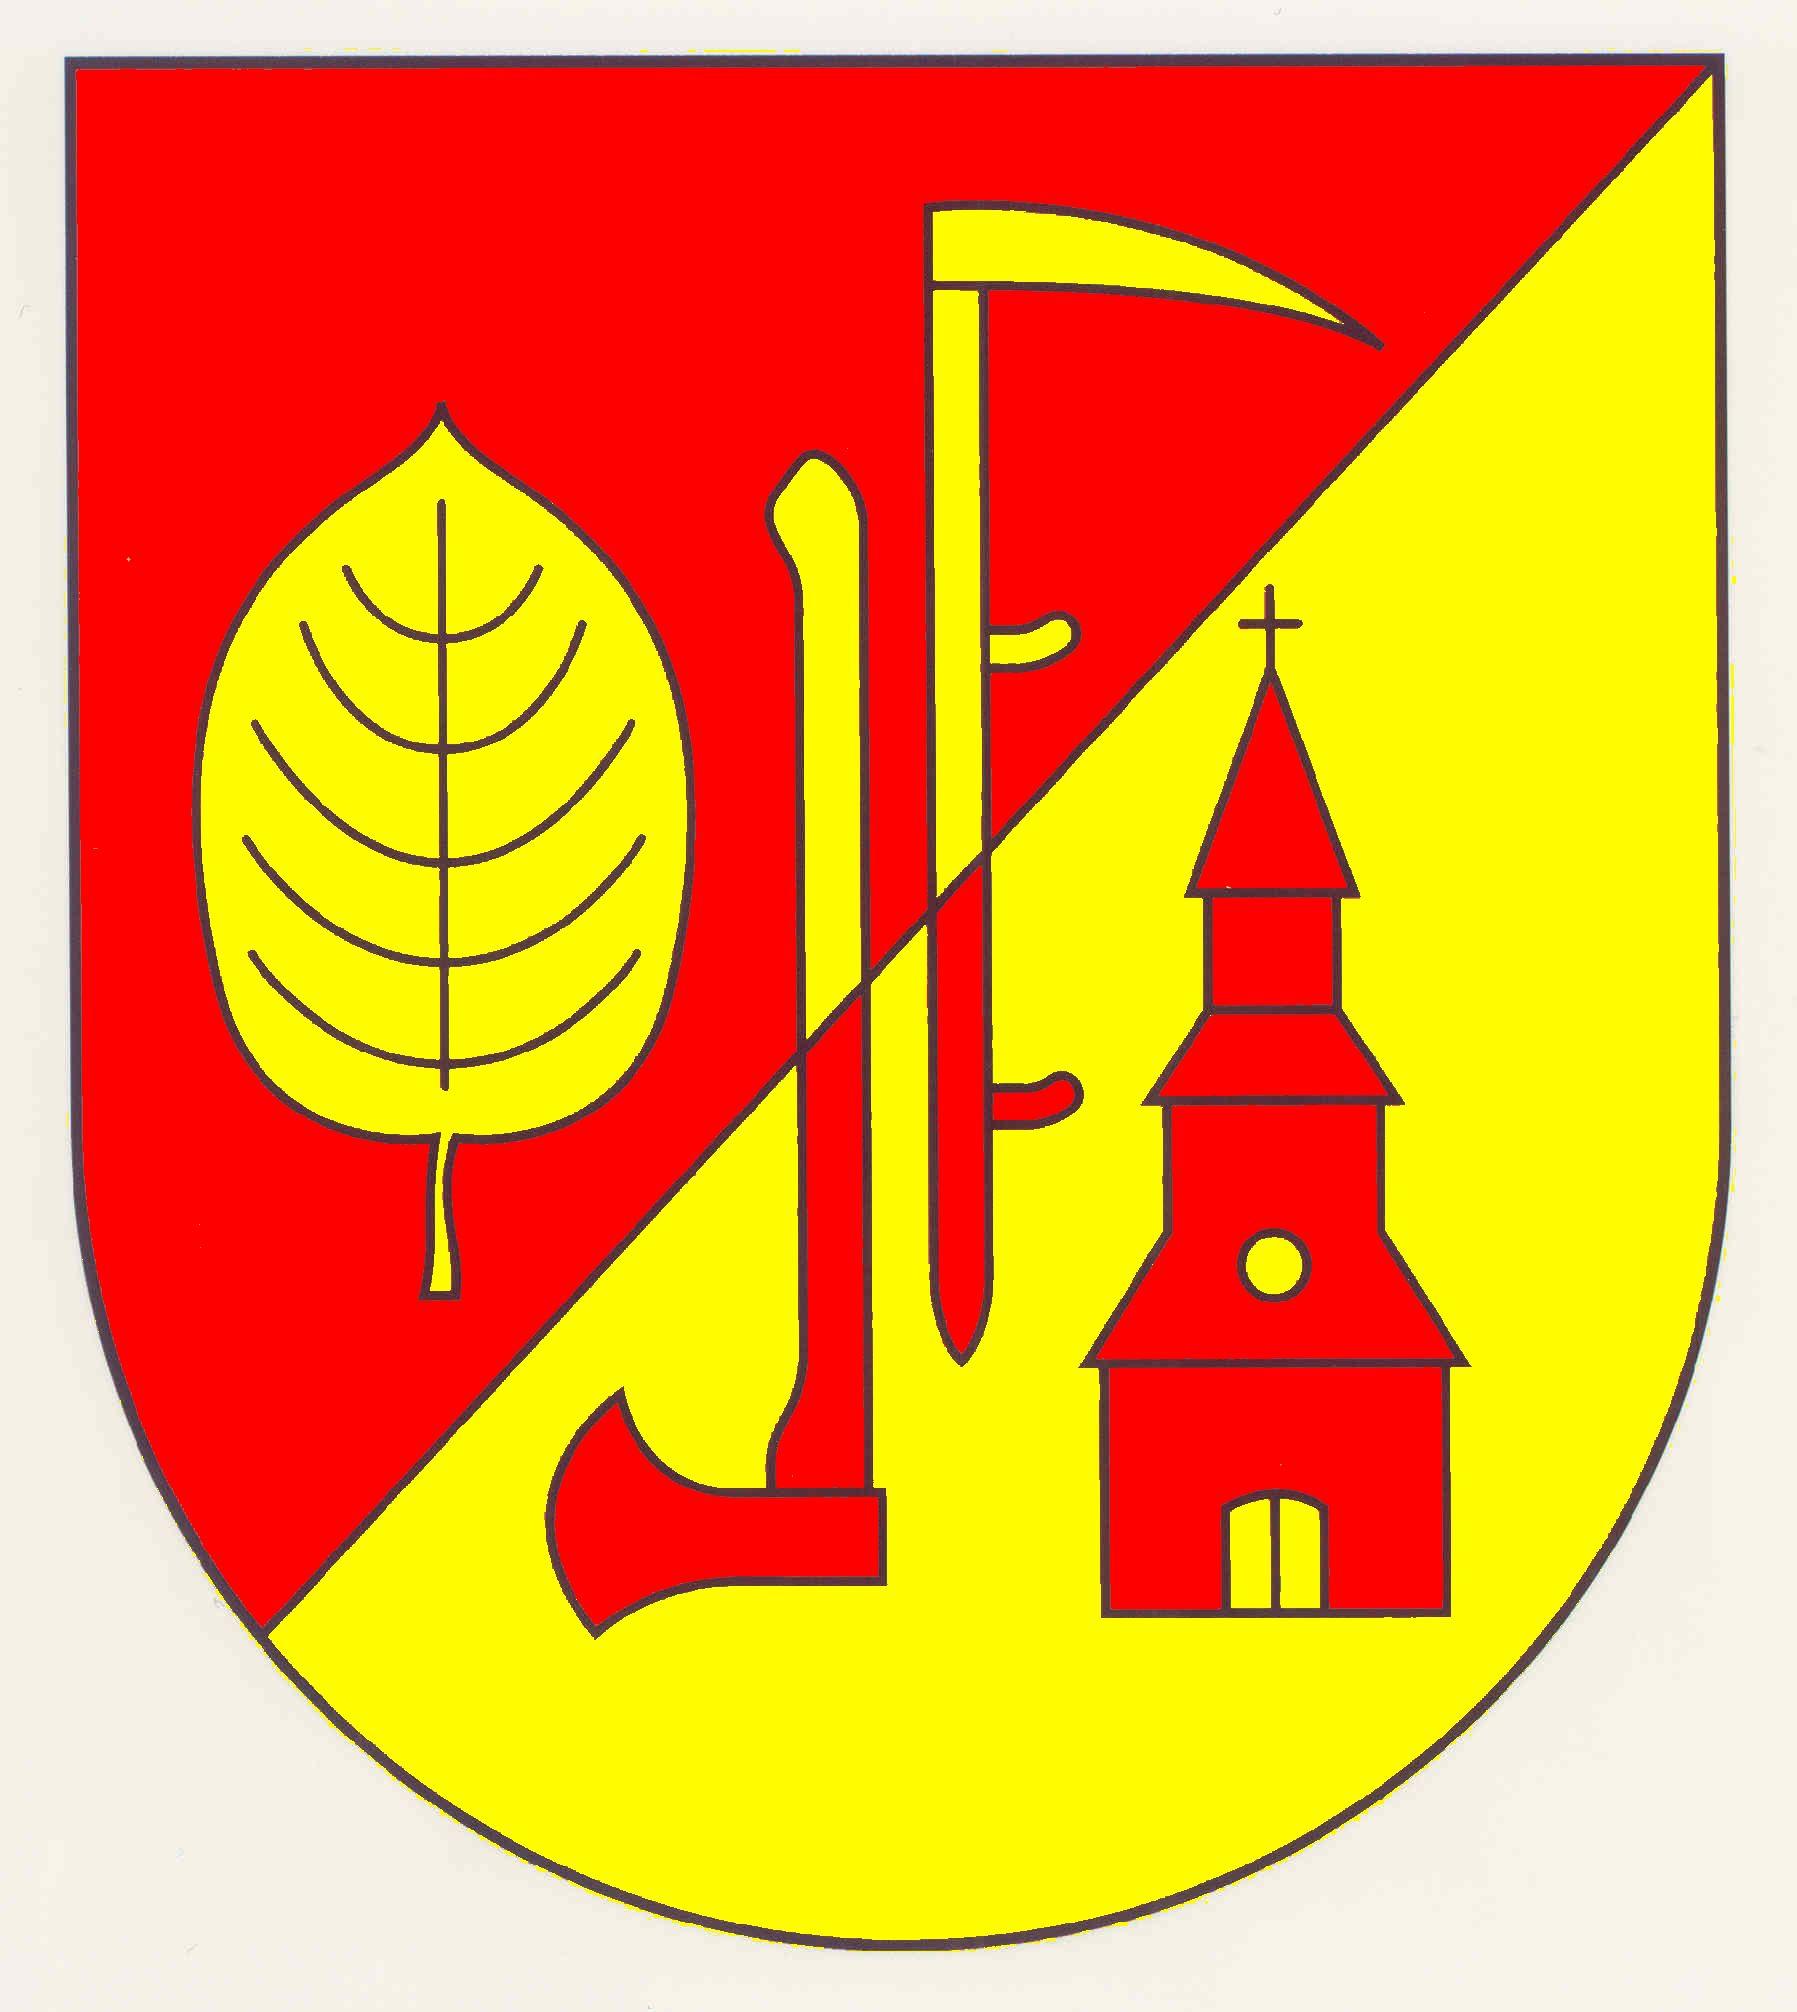 Wappen GemeindeBrunstorf, Kreis Herzogtum Lauenburg